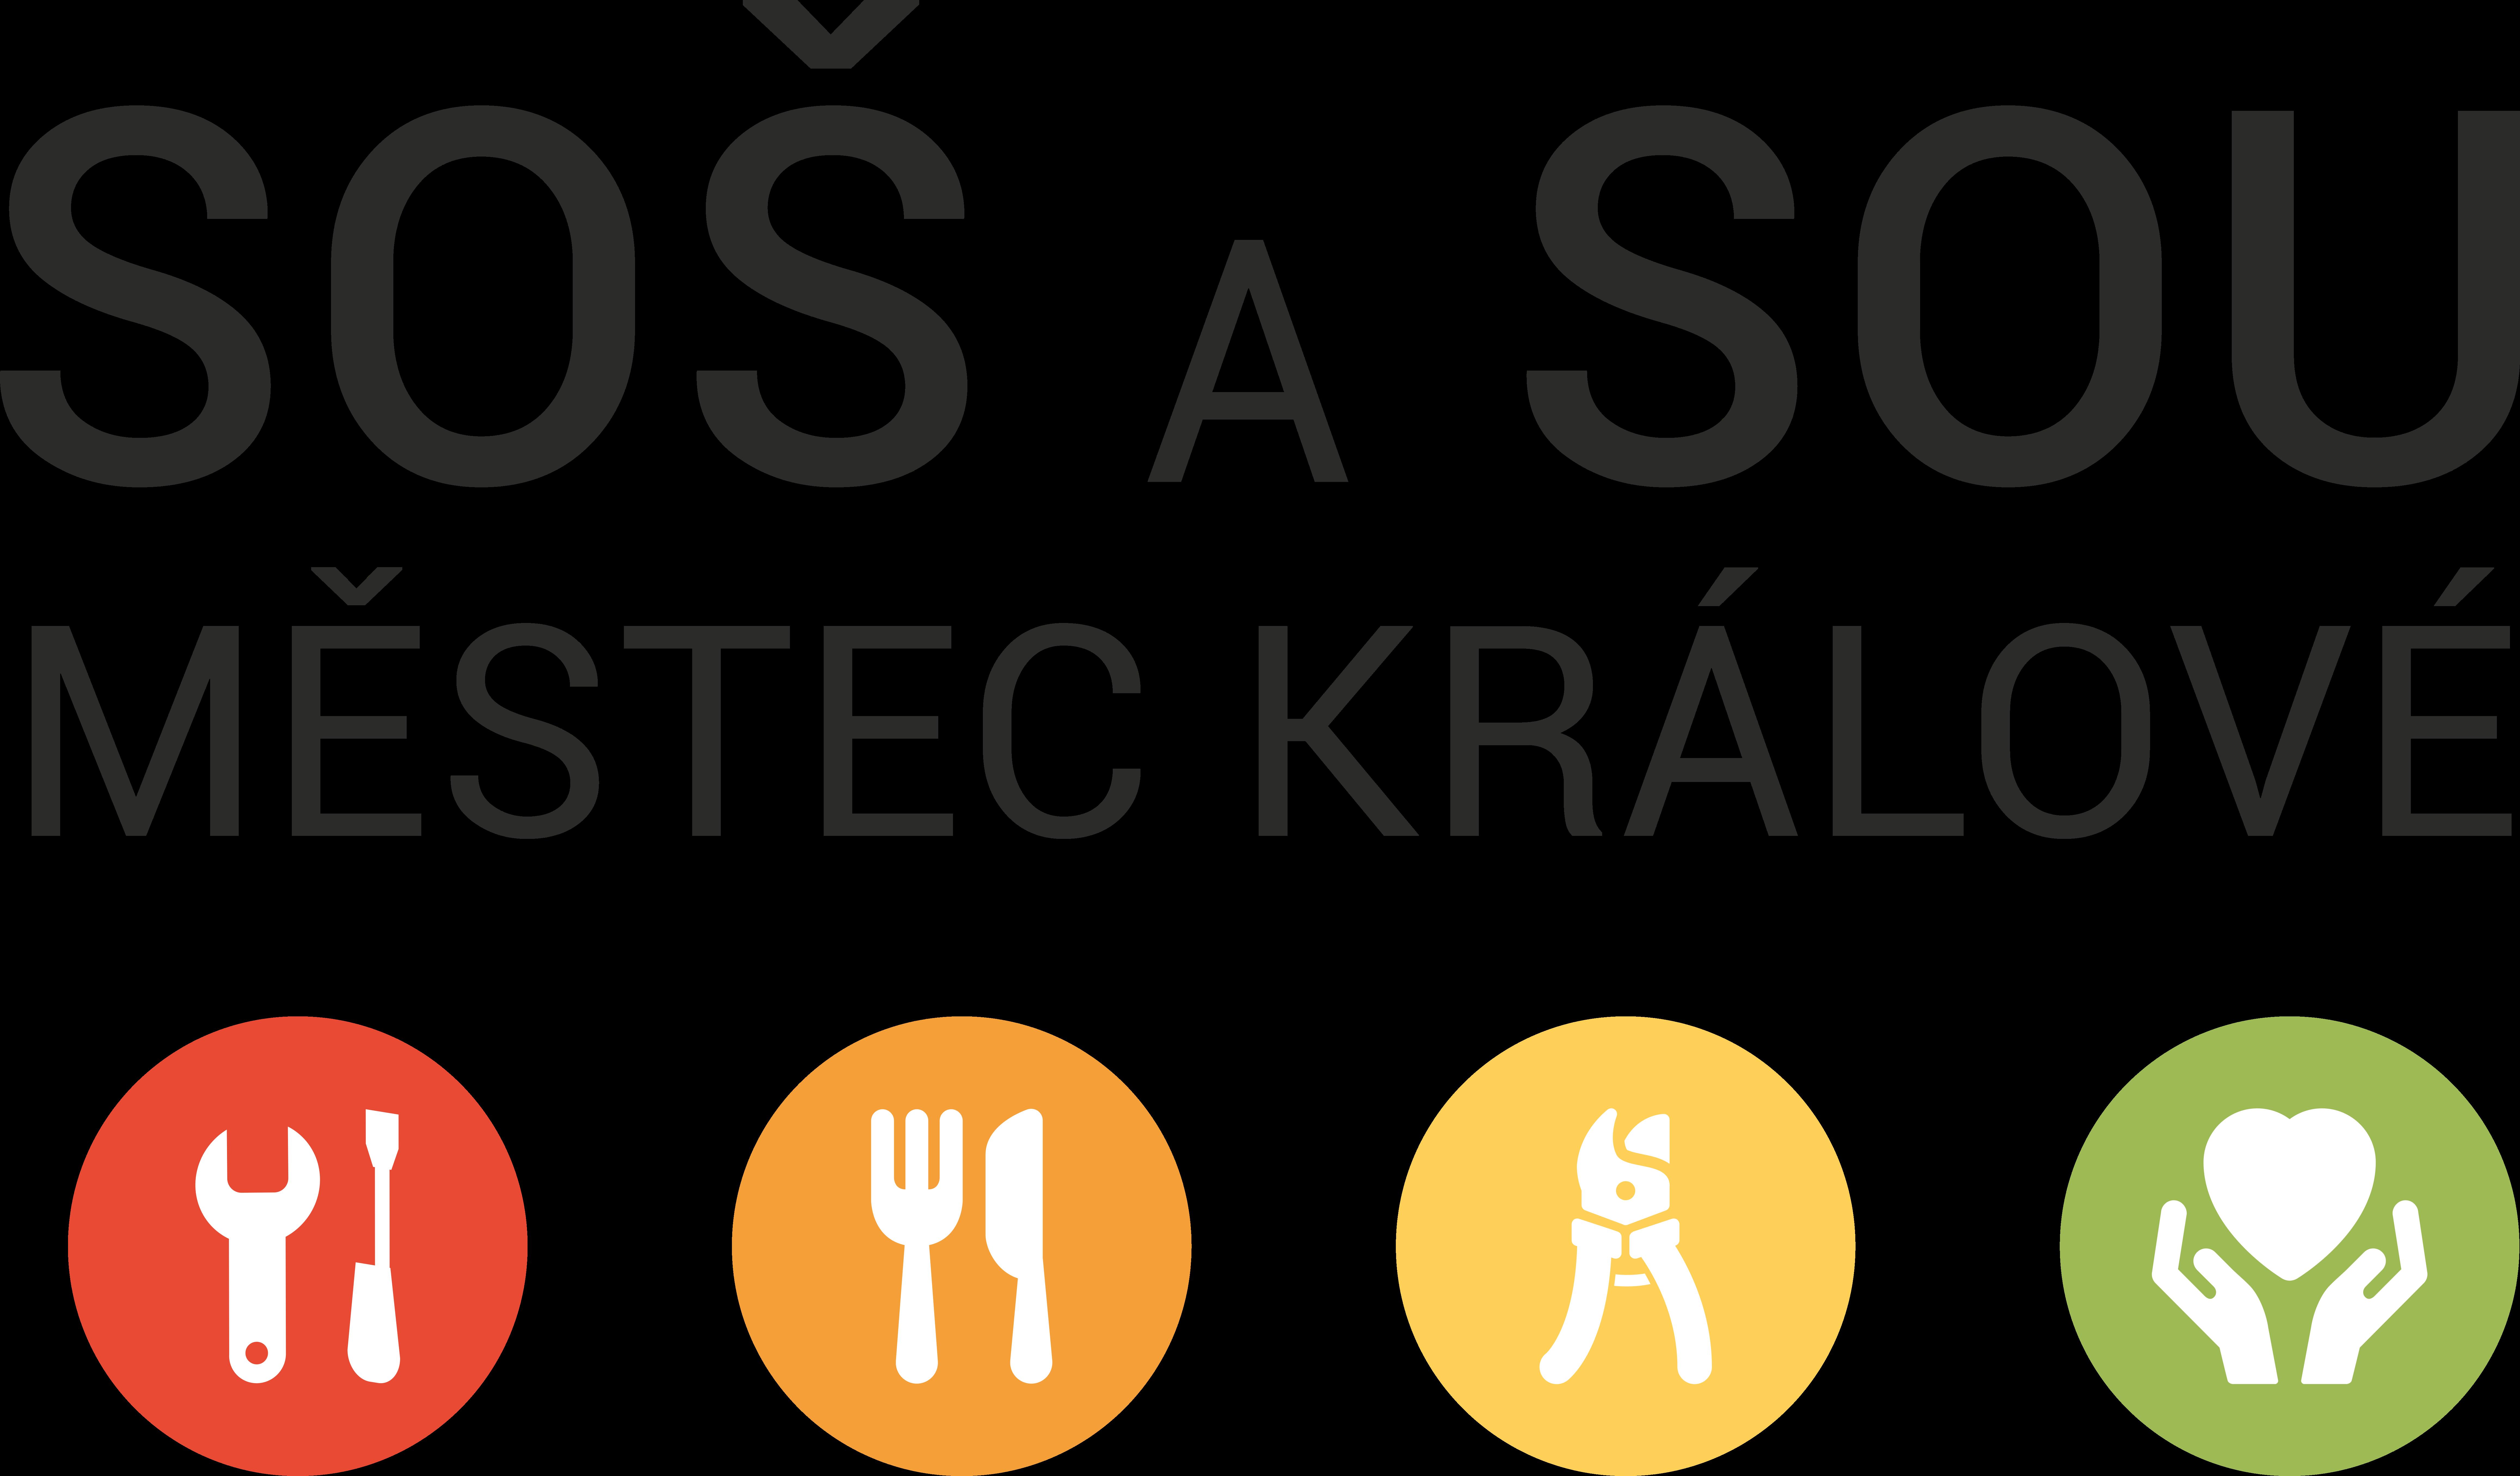 Střední odborná škola a Střední odborné učiliště Městec Králové logo